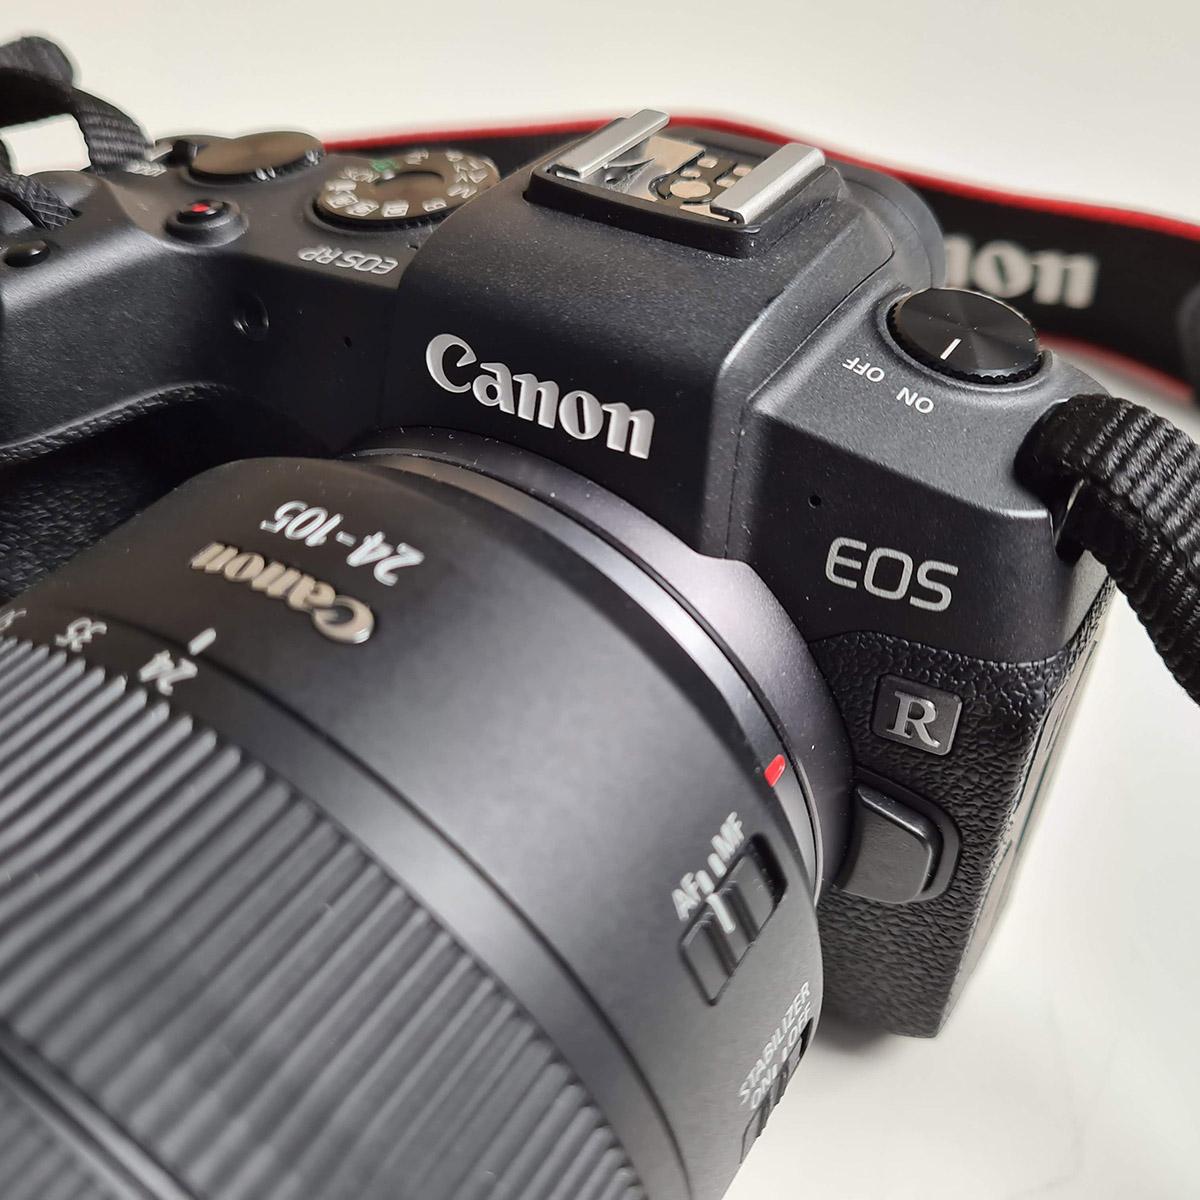 Masz aparat Canona? Możesz automatycznie zgrywać zdjęcia do Google